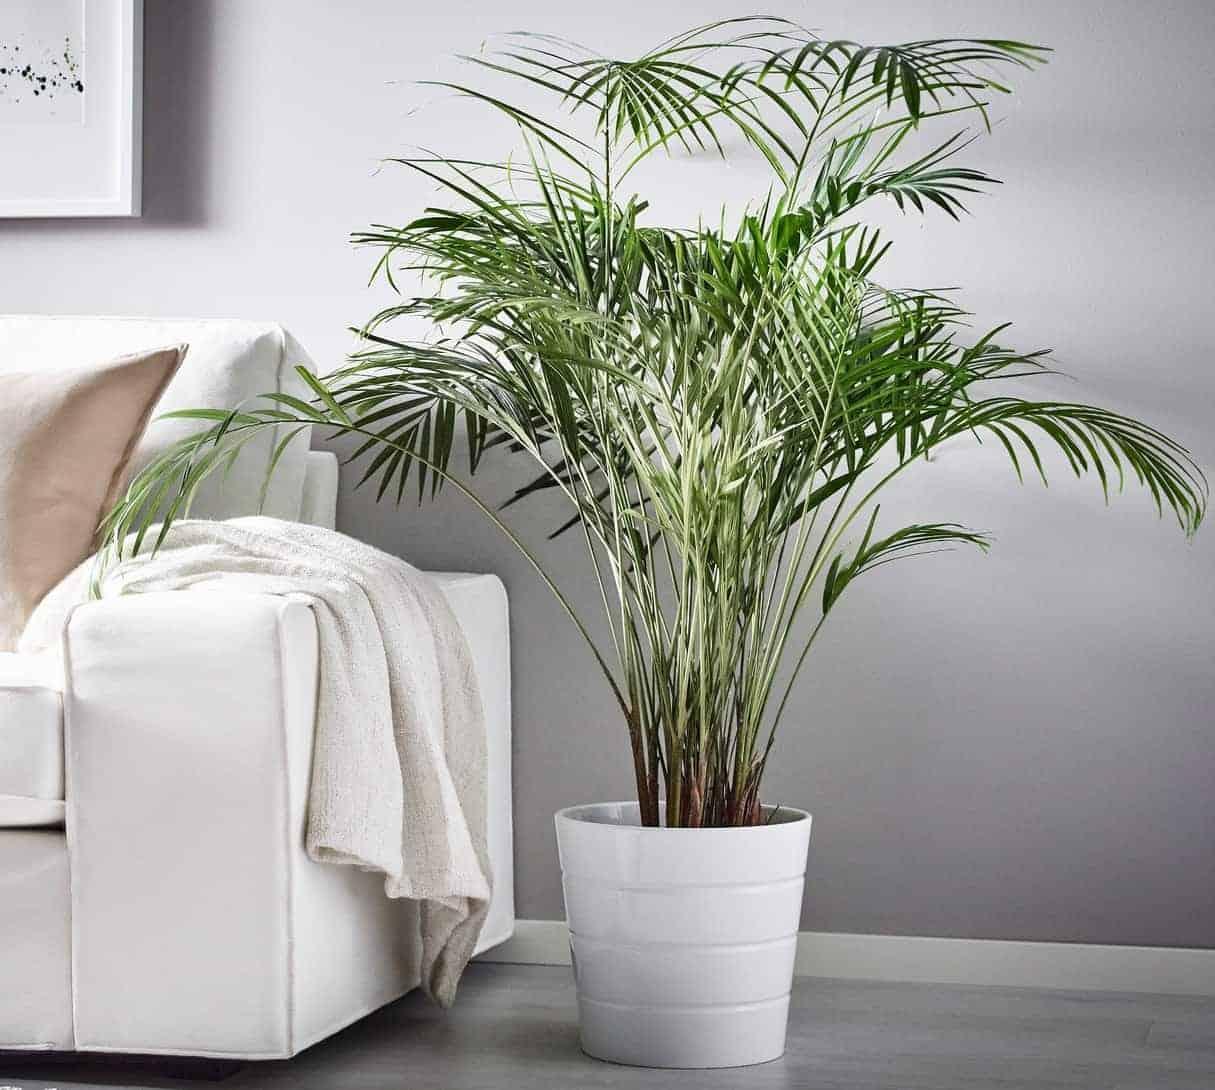 Земля для пальм: состав, дополнительные элементы